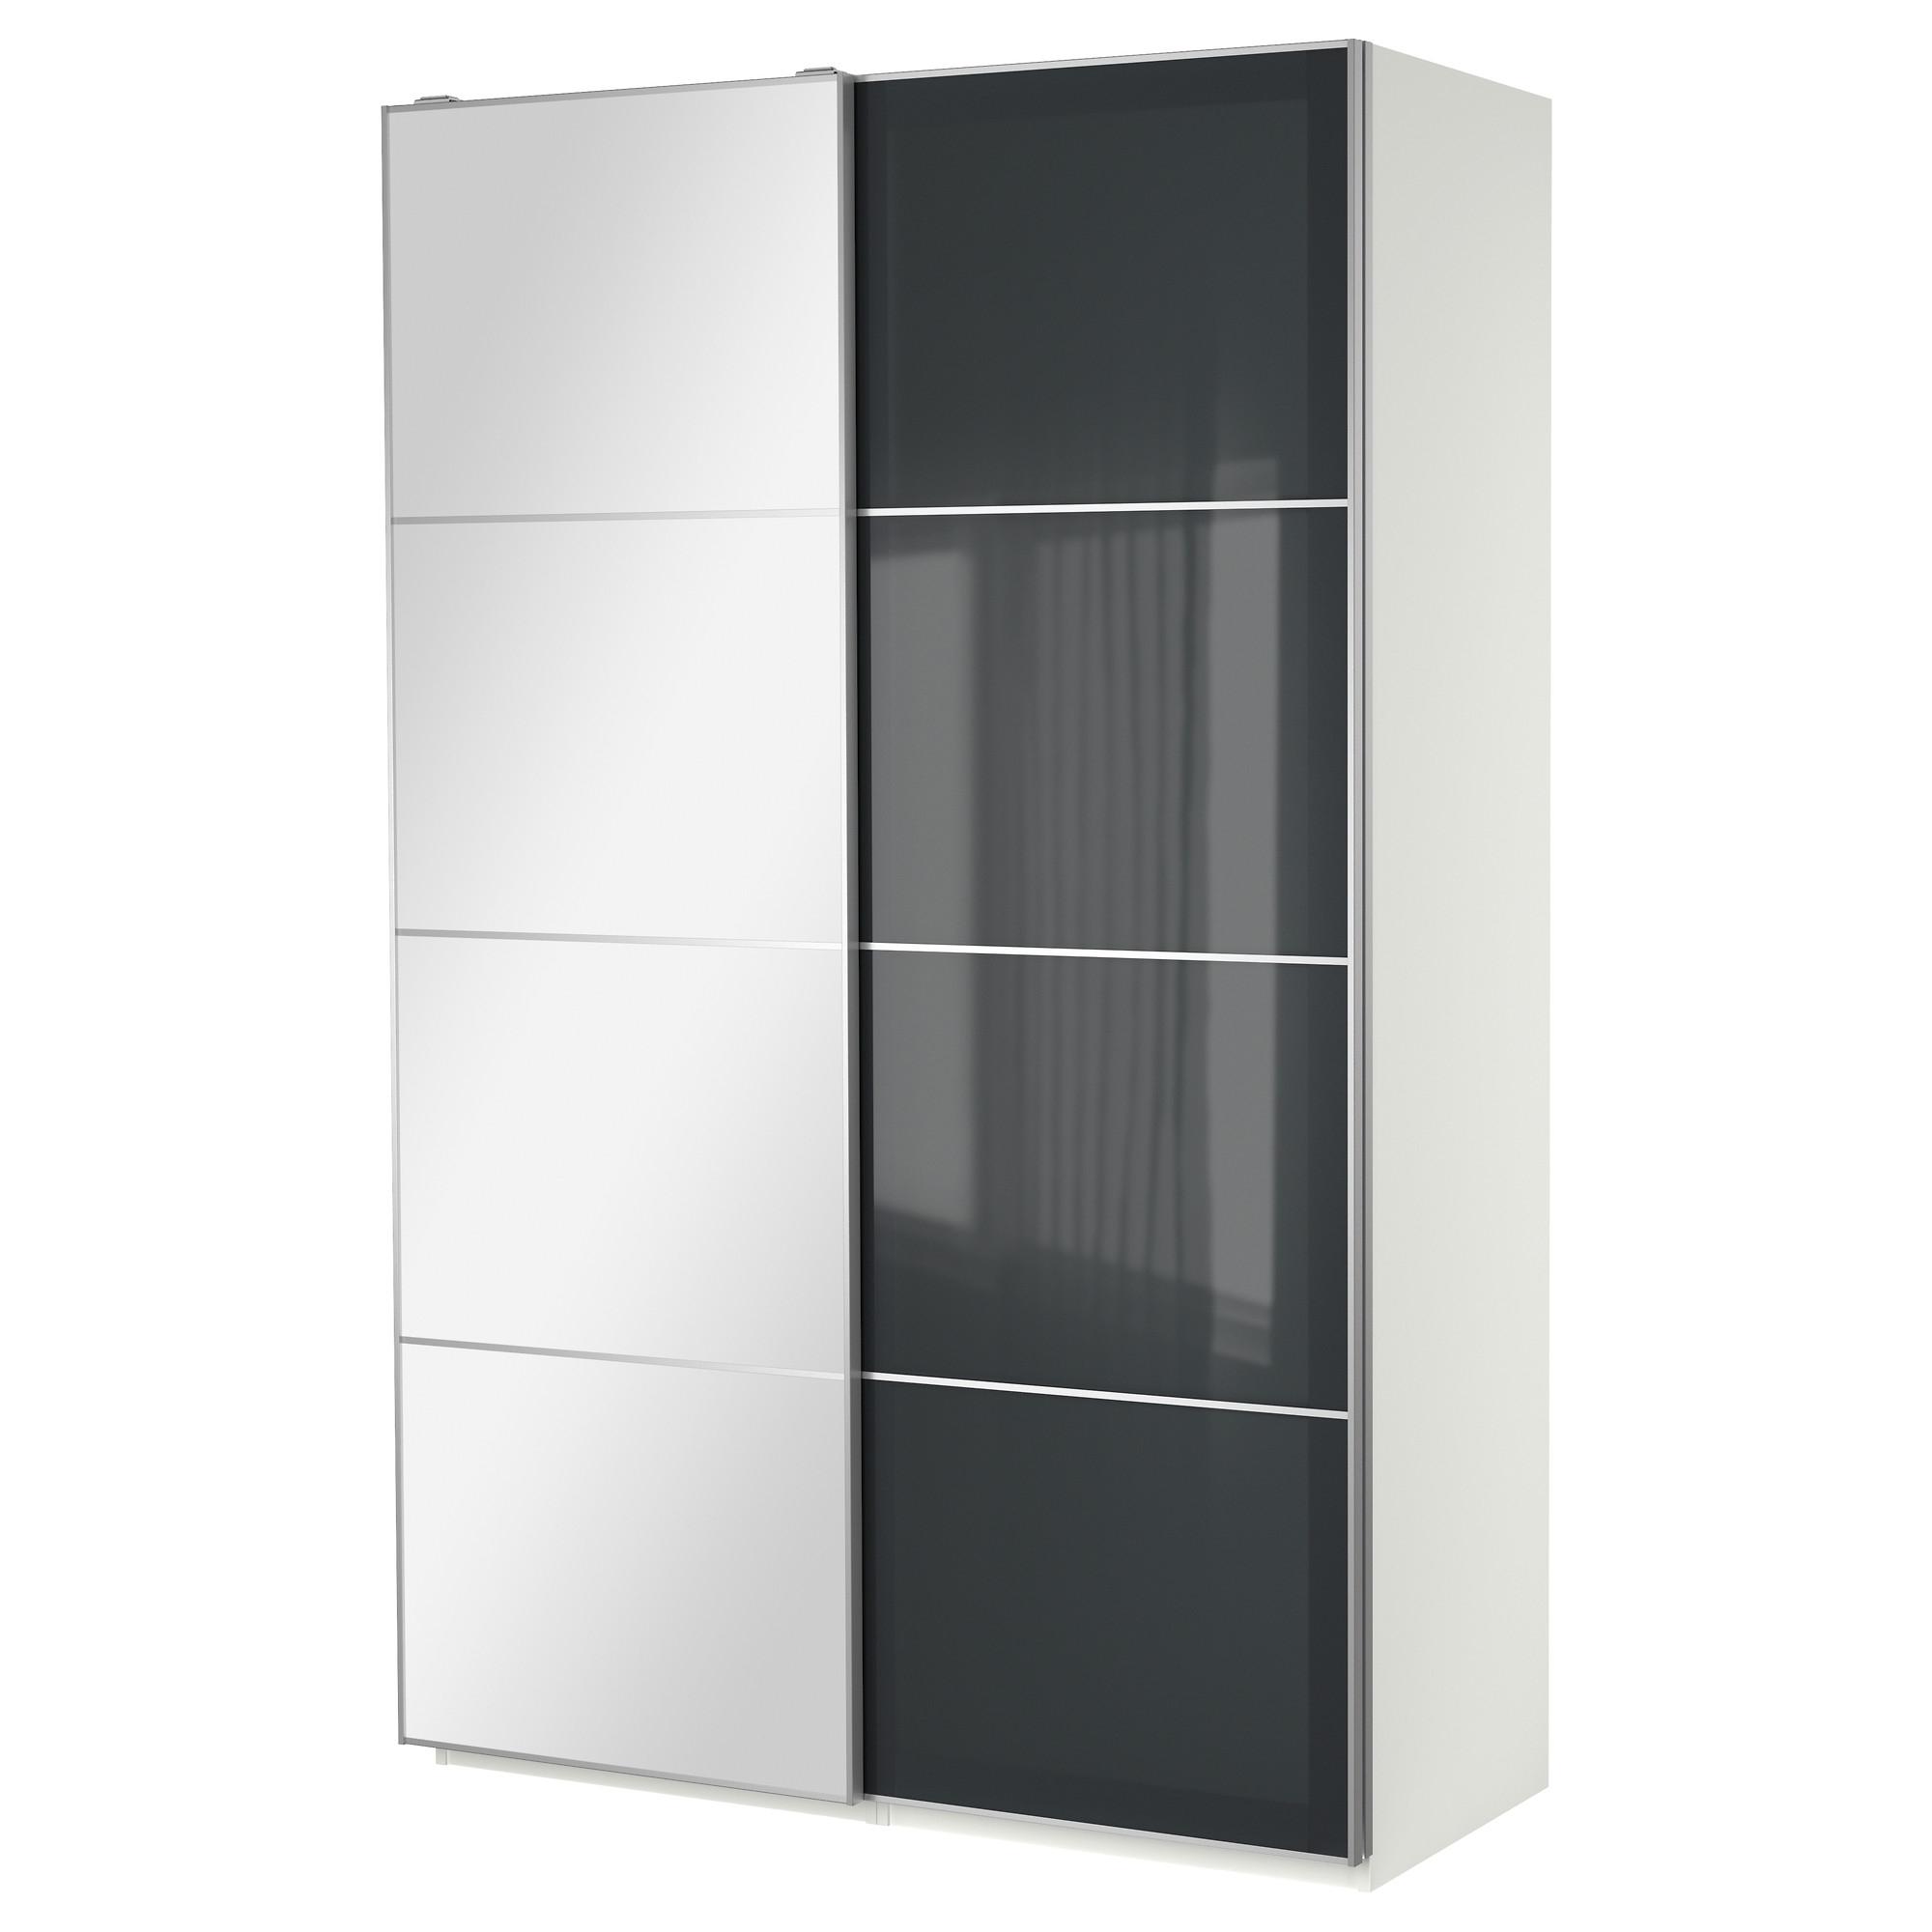 Pax armario con puertas correderas - Armario 150 puertas correderas ...